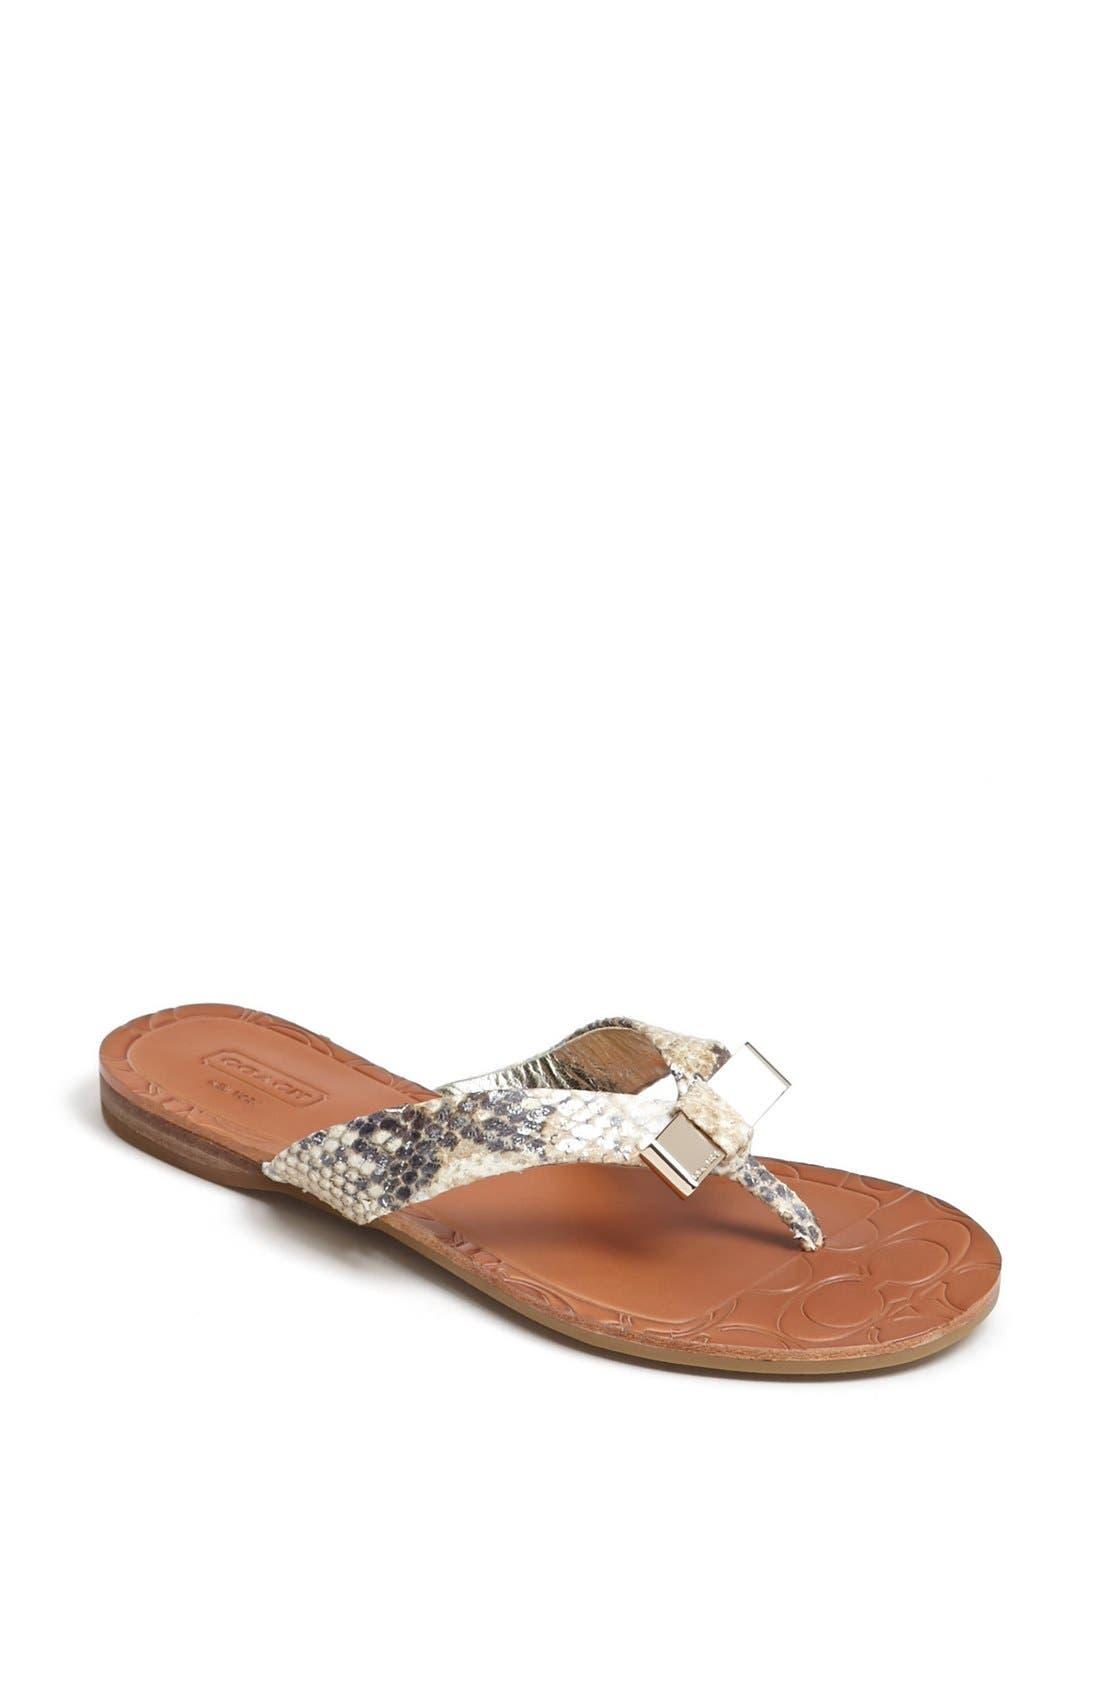 Main Image - COACH 'Sable' Flip Flop